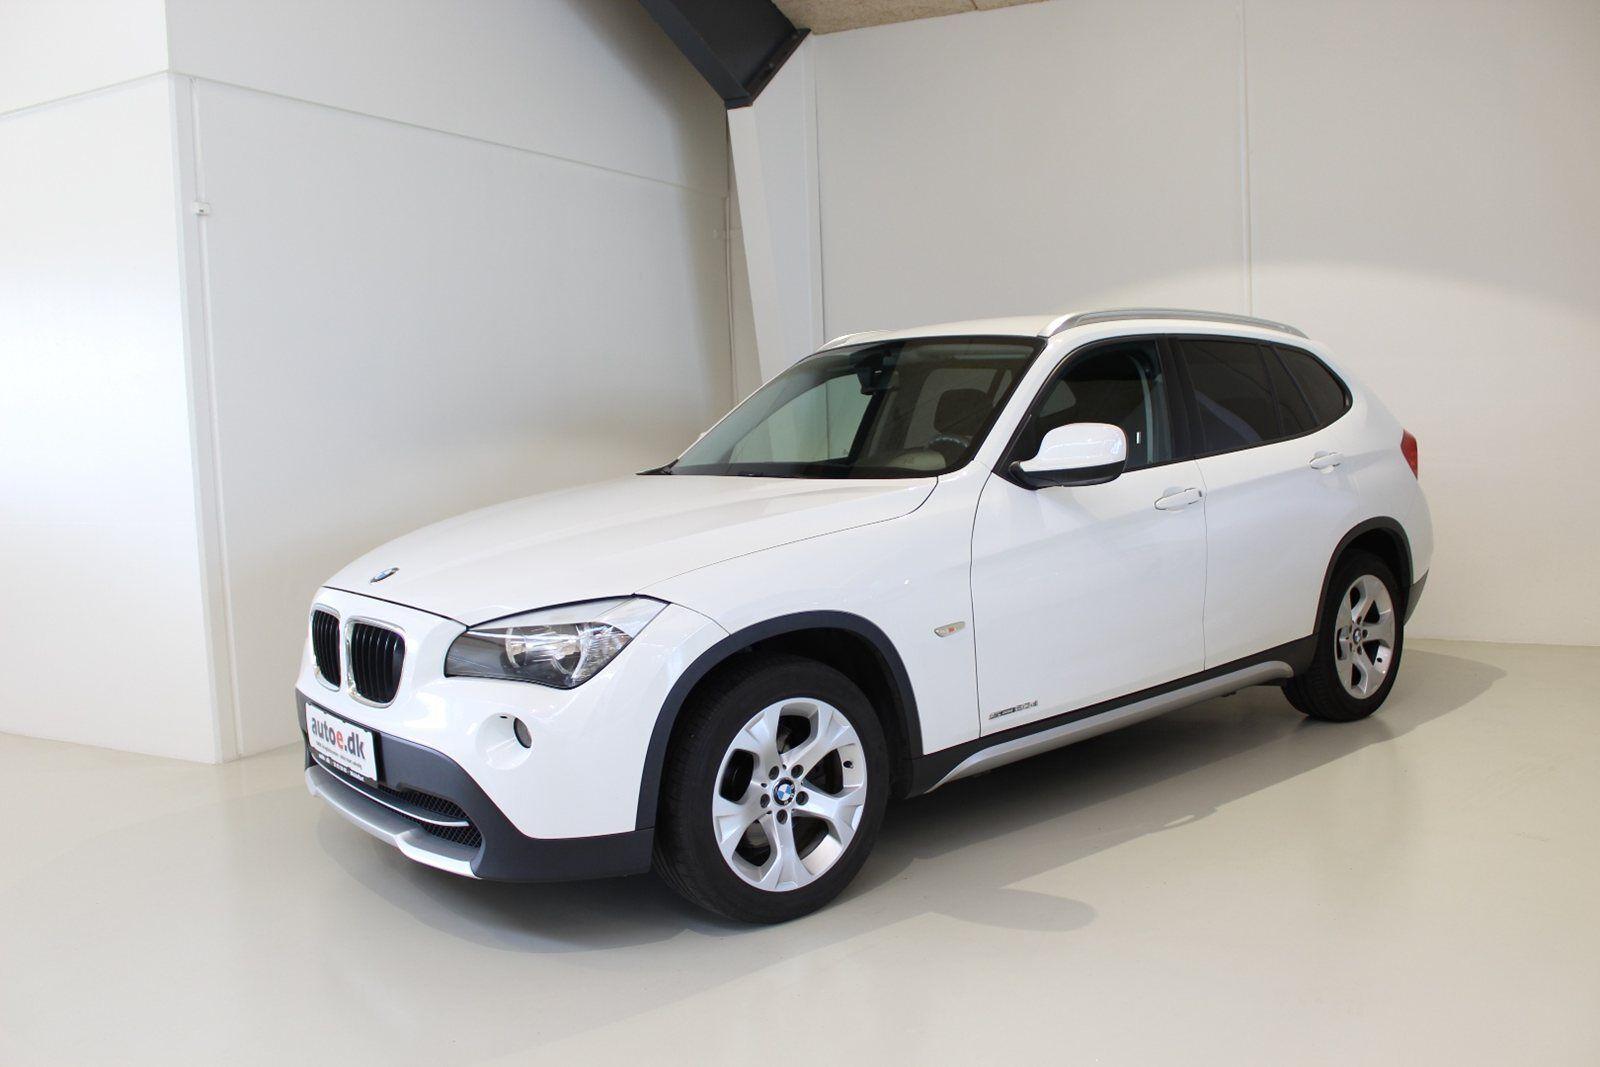 BMW X1 2,0 sDrive20d aut. 5d - 199.800 kr.